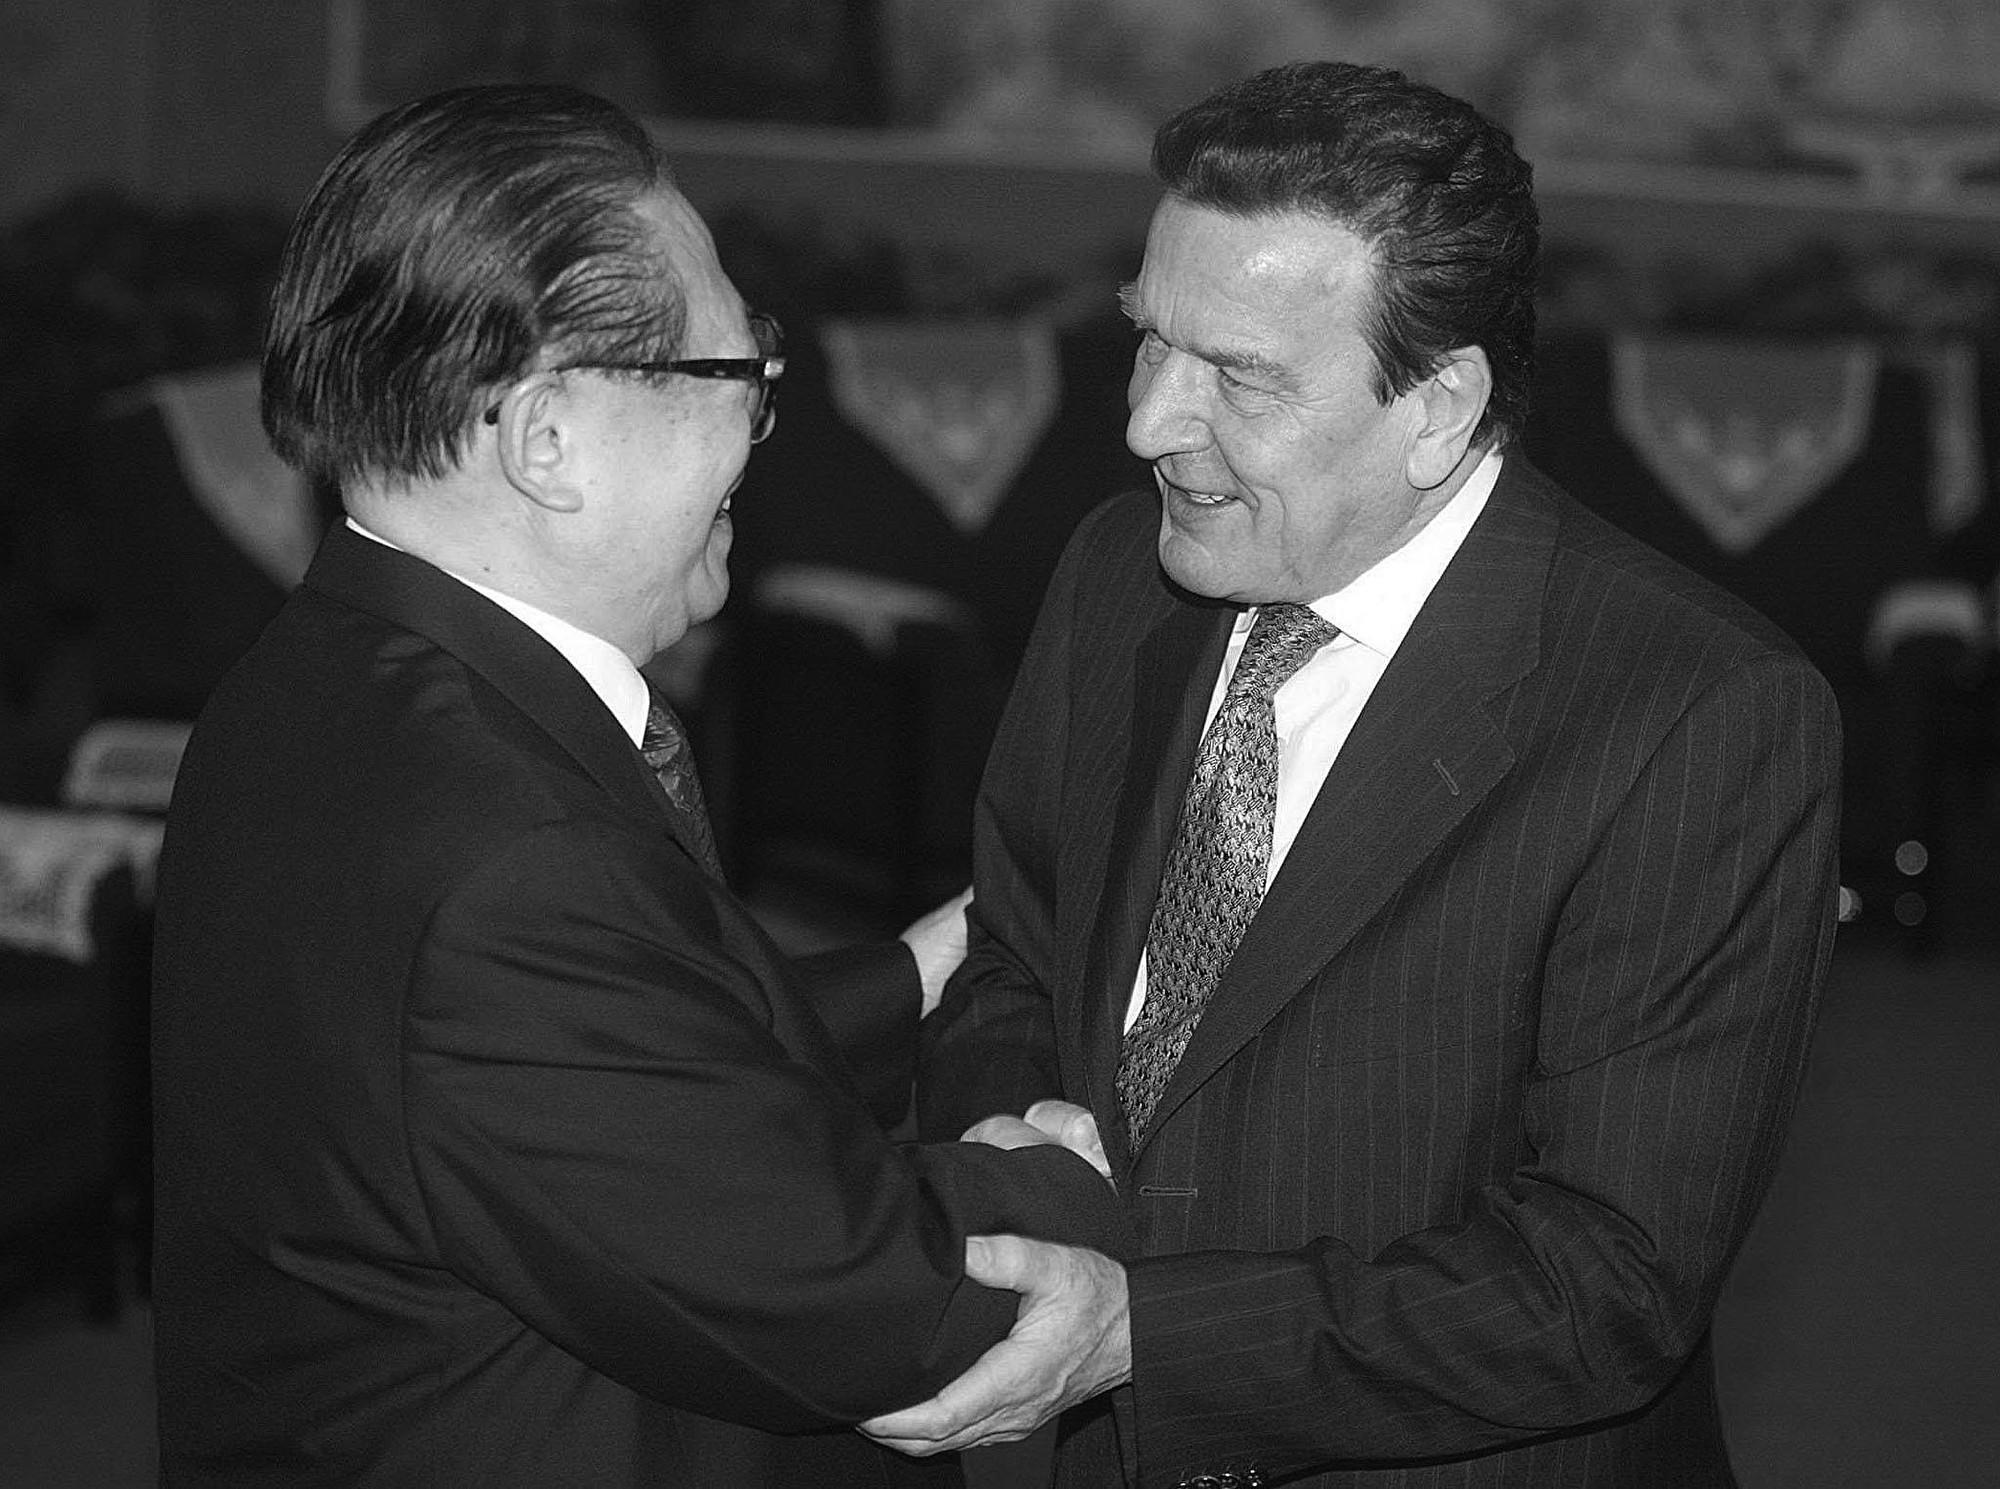 2002年12月30日,施羅德(右)在北京和中共前黨魁江澤民會面。 (Photo by FREDERIC BROWN / POOL / AFP)